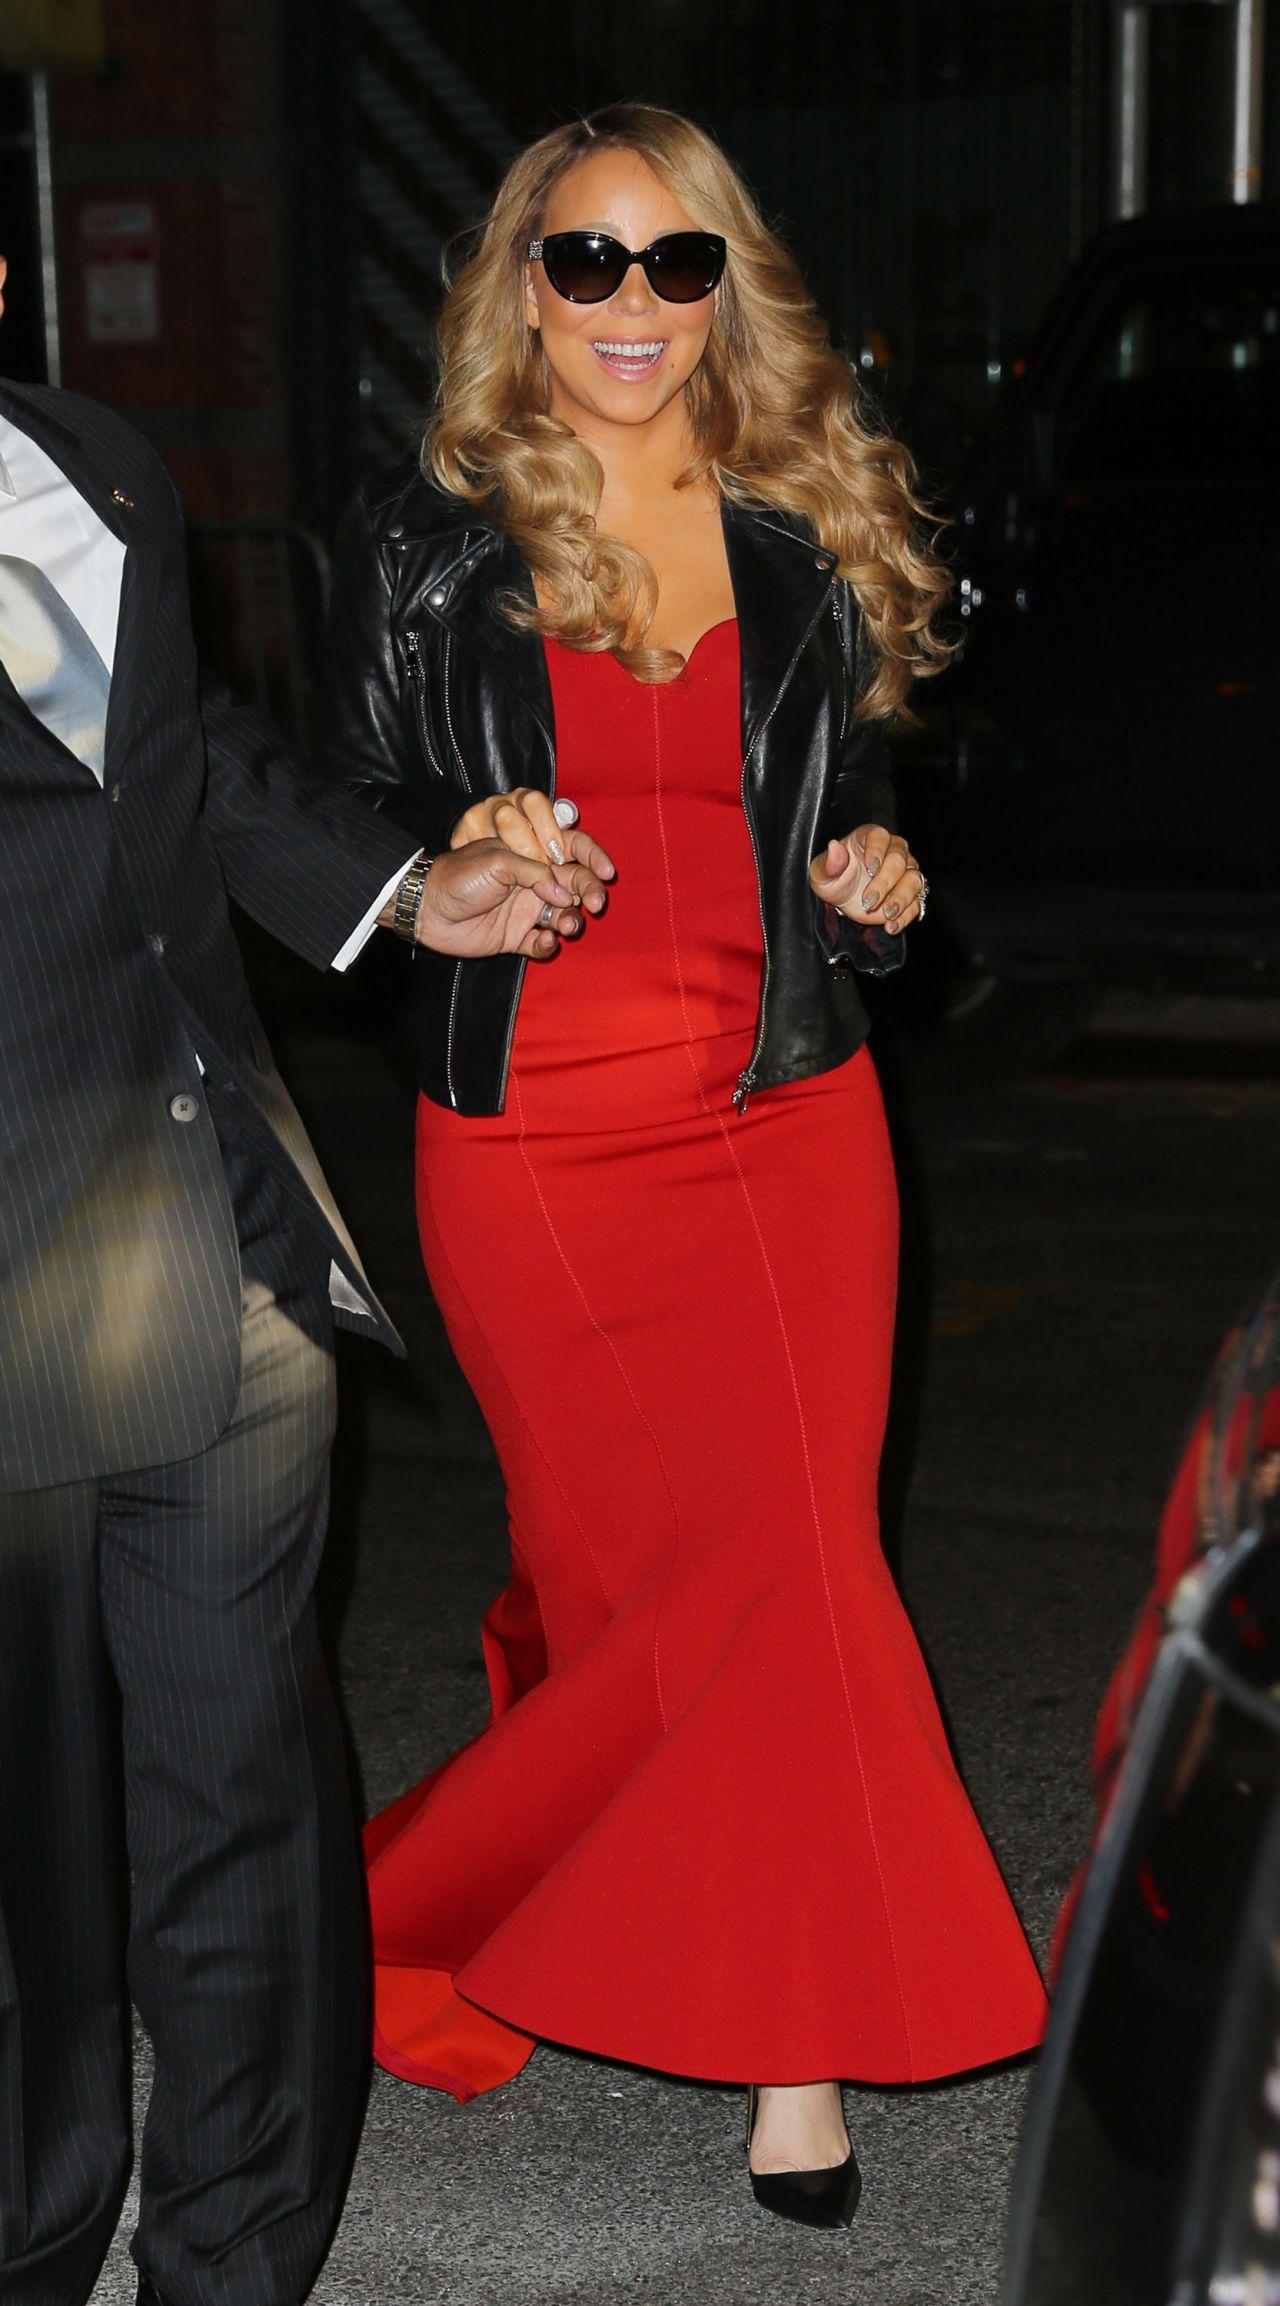 Mariah Carey Performing In New York City 12 9 2015